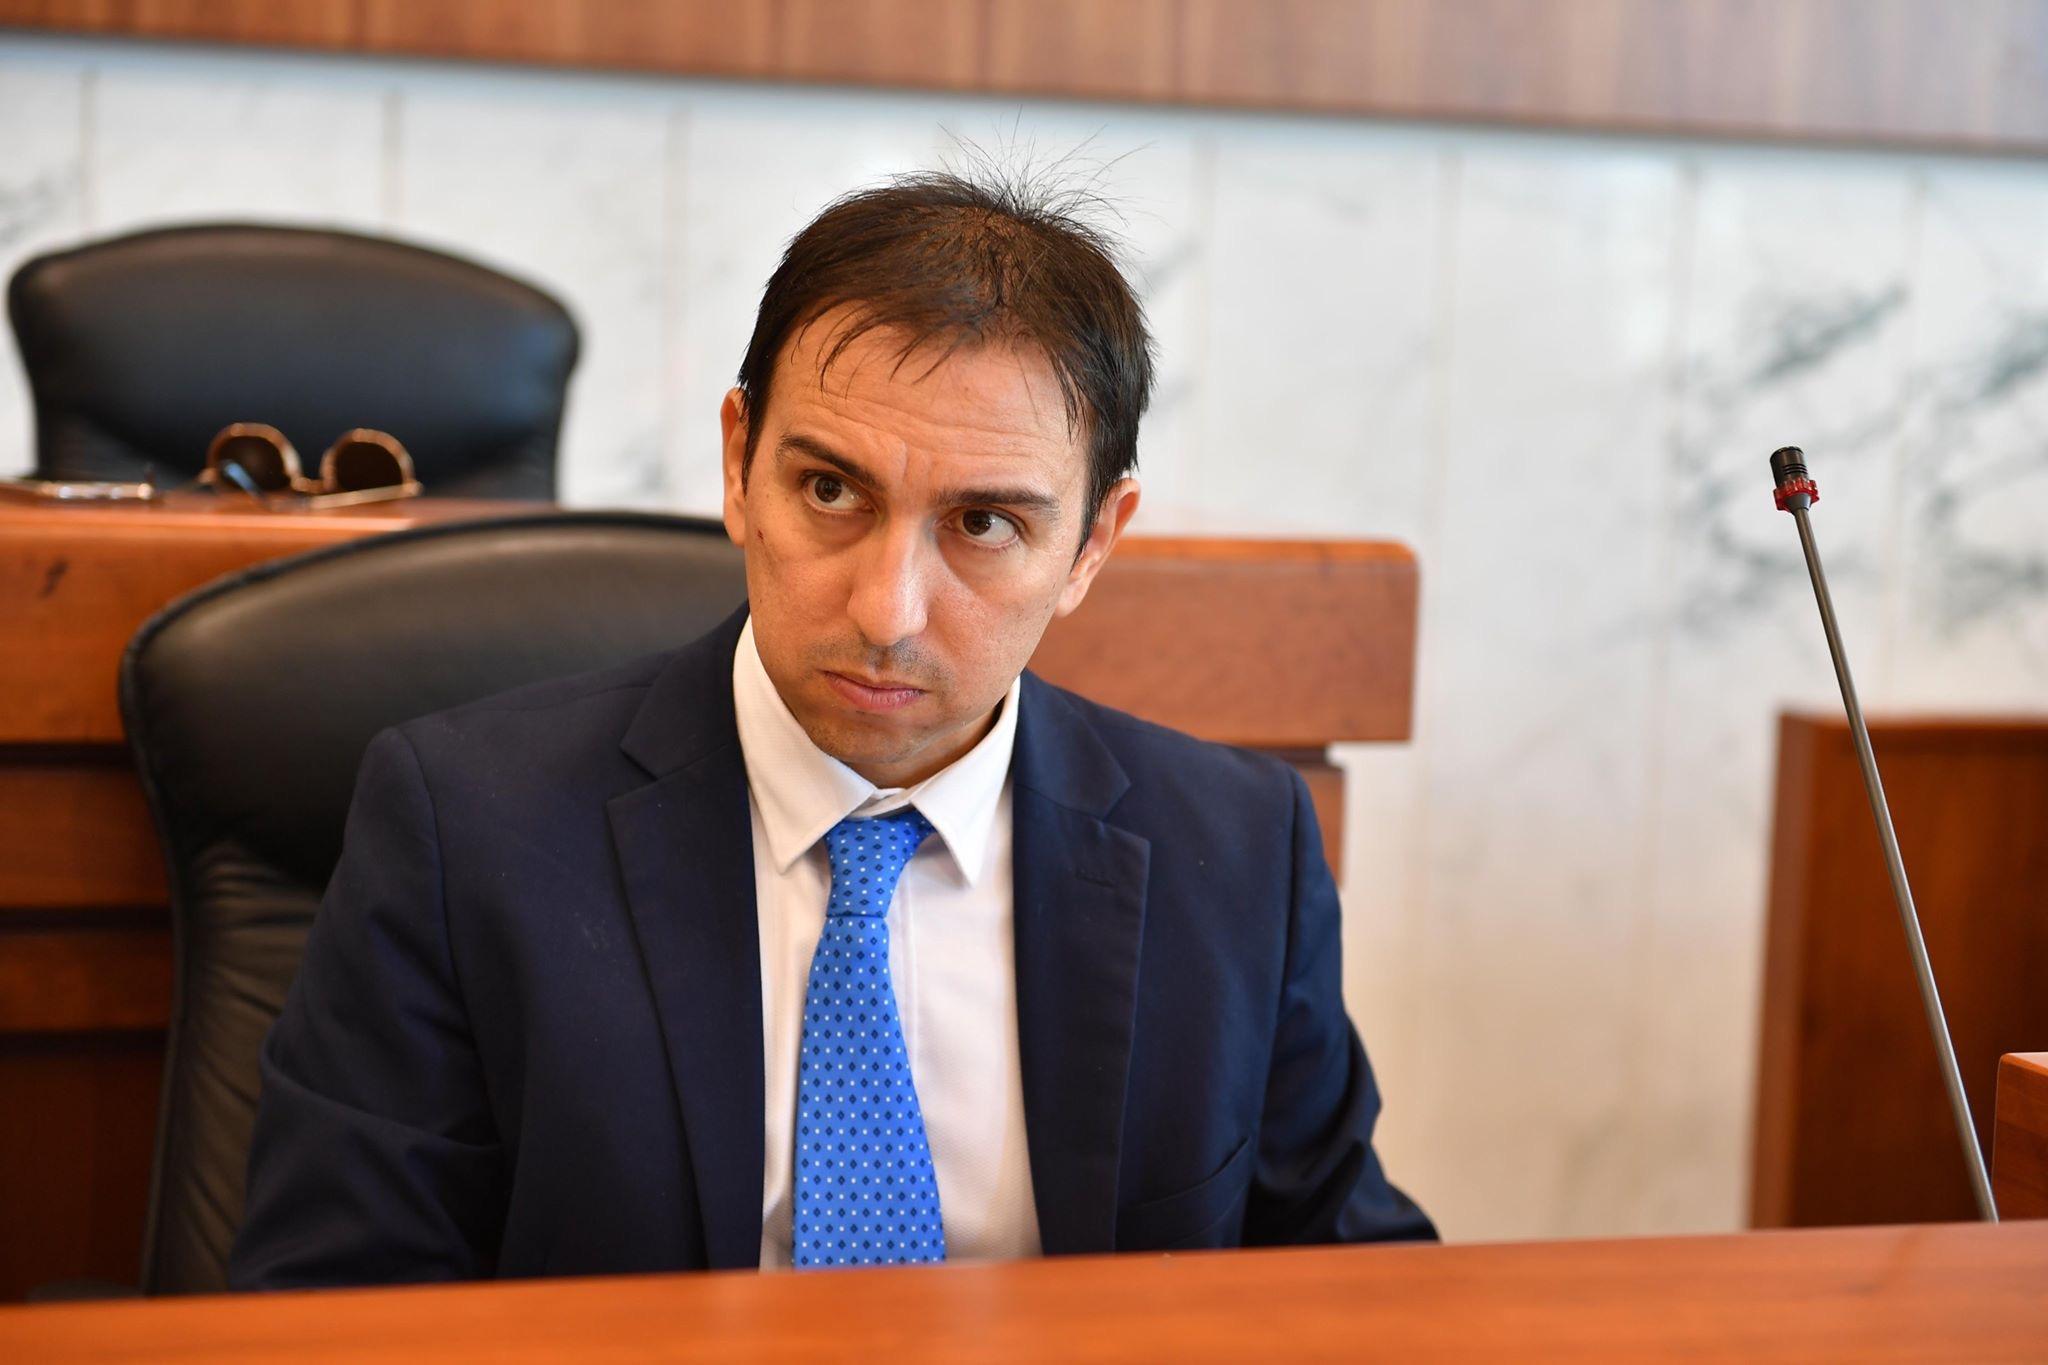 Brogli elettorali, parla Castorina: «Dette tante bugie e ipocrisie. Estraneo ai fatti contestati»